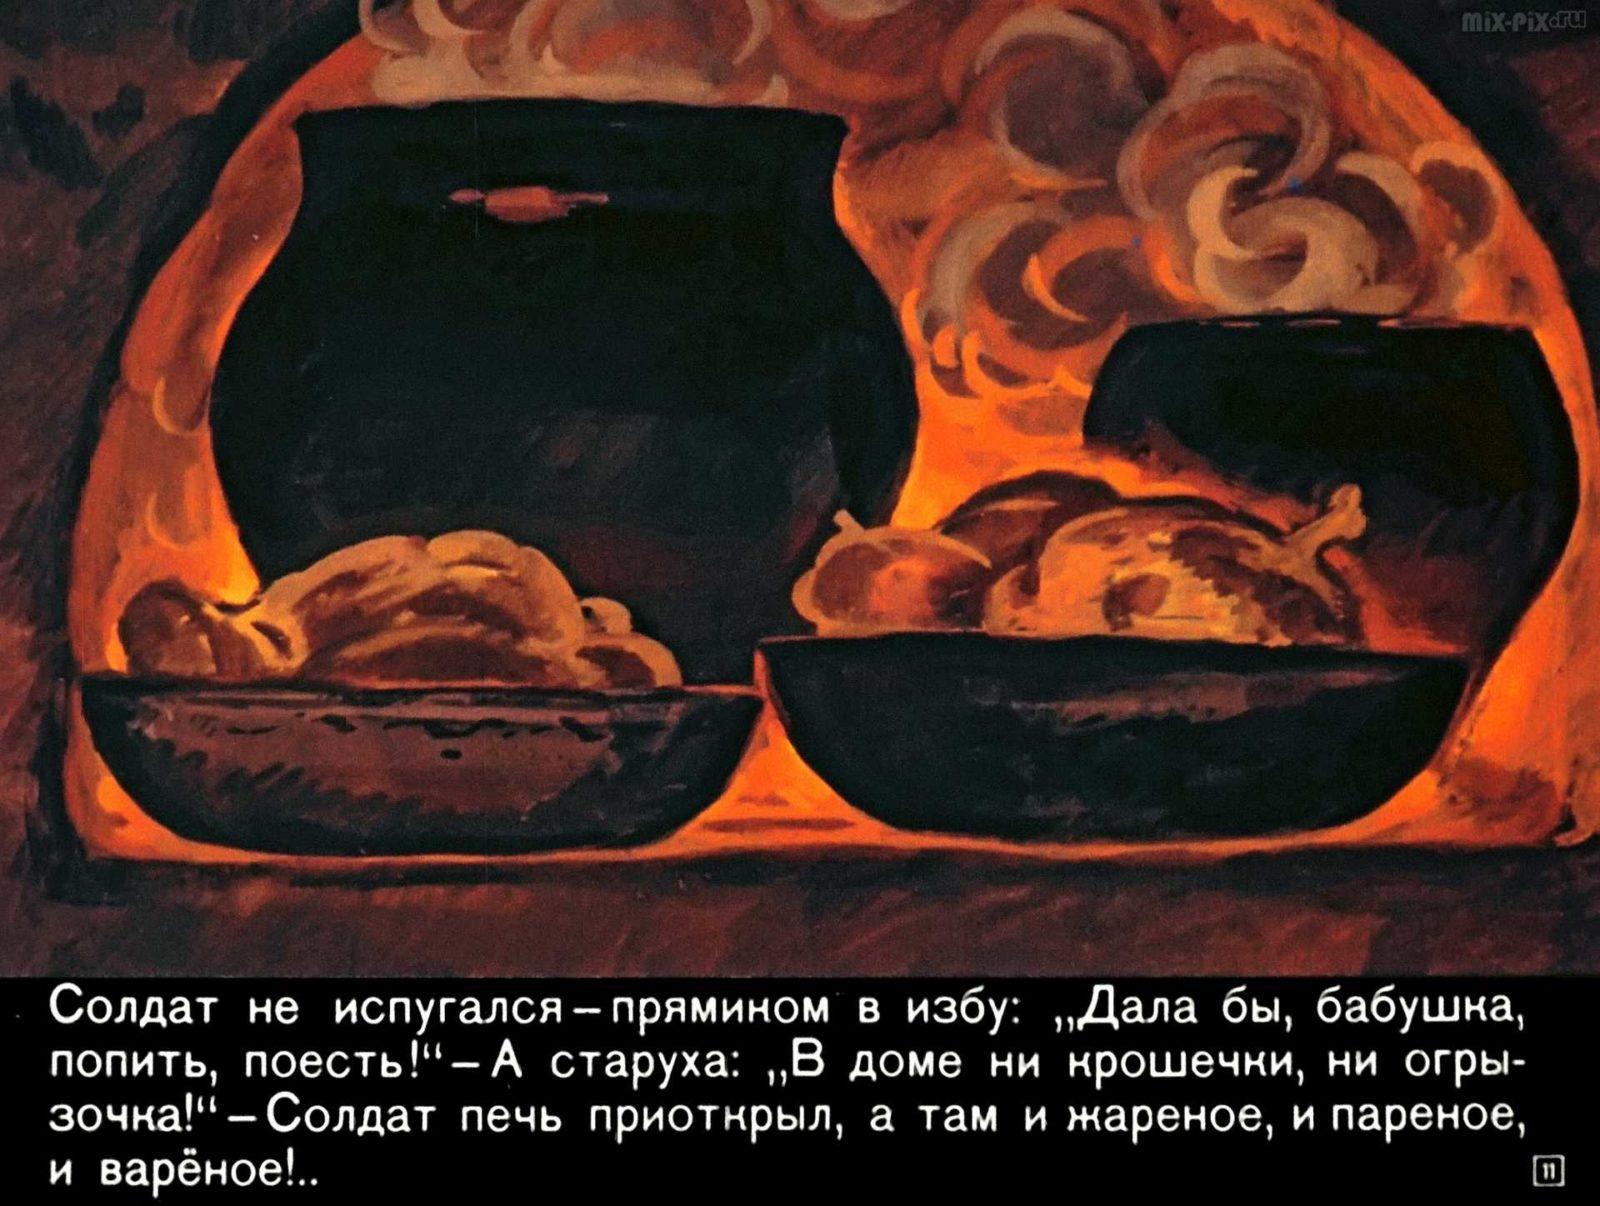 Сказка о бывалом солдате, царе и двенадцати разбойниках (1969) 27